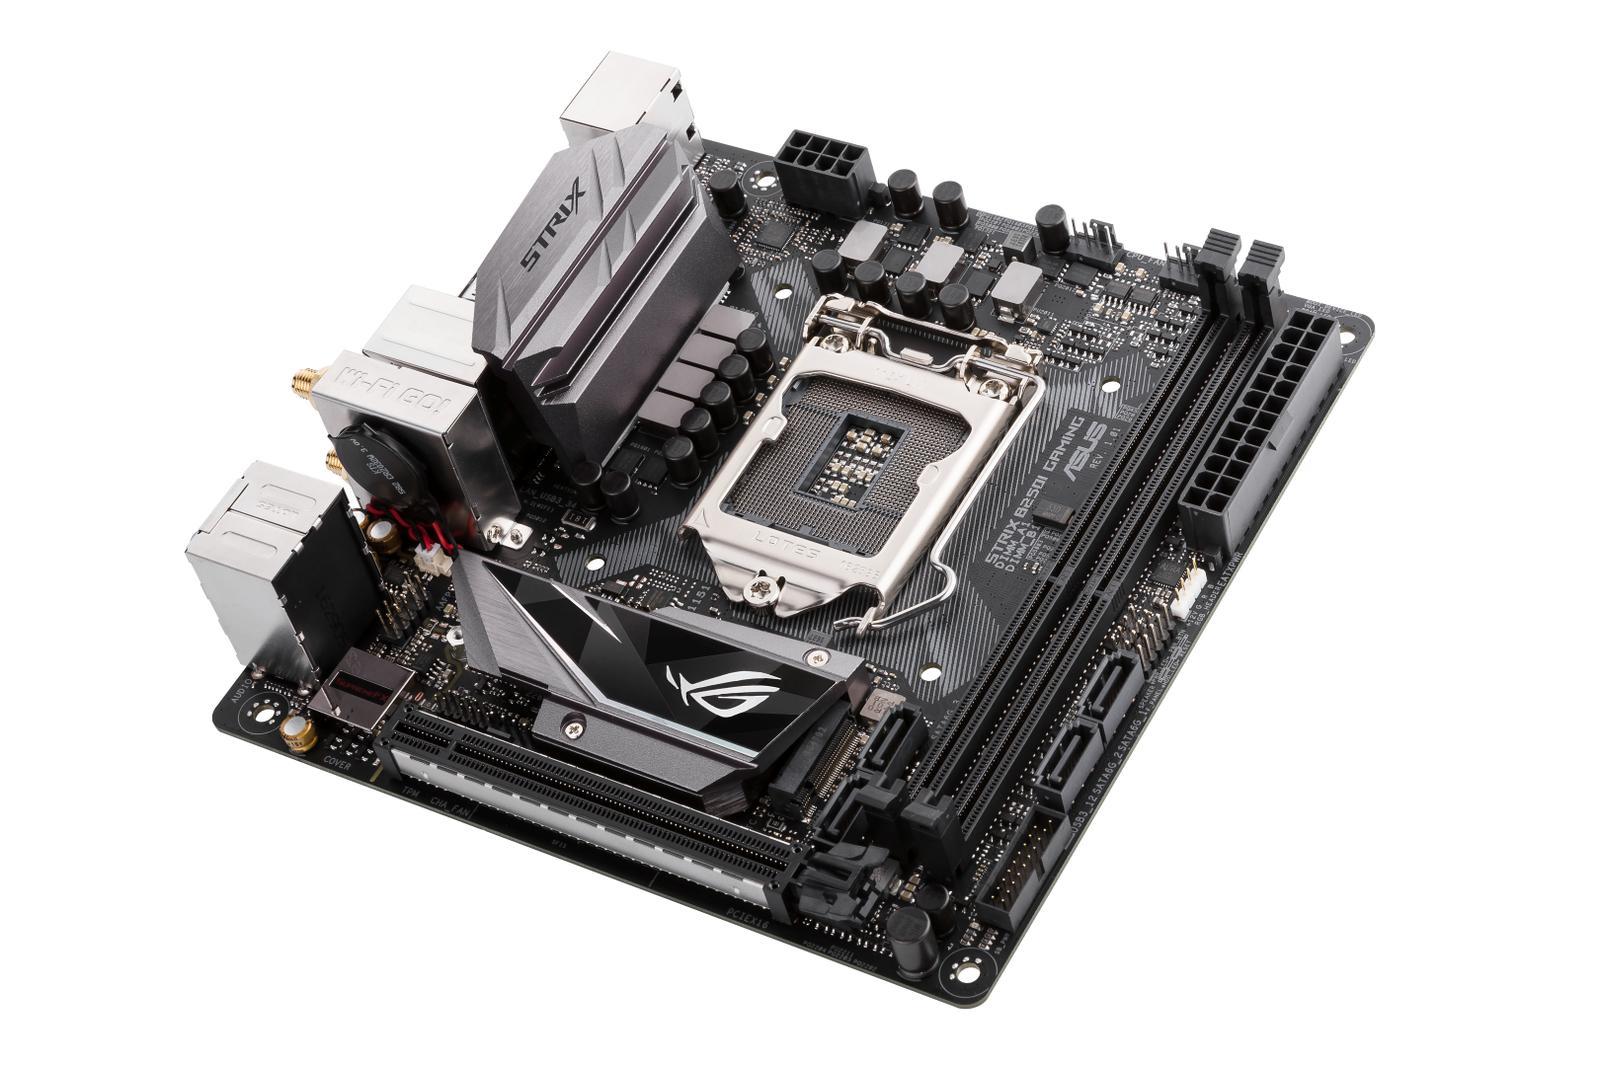 Asus ROG STRIX B250I GAMING Mini ITX LGA 1151